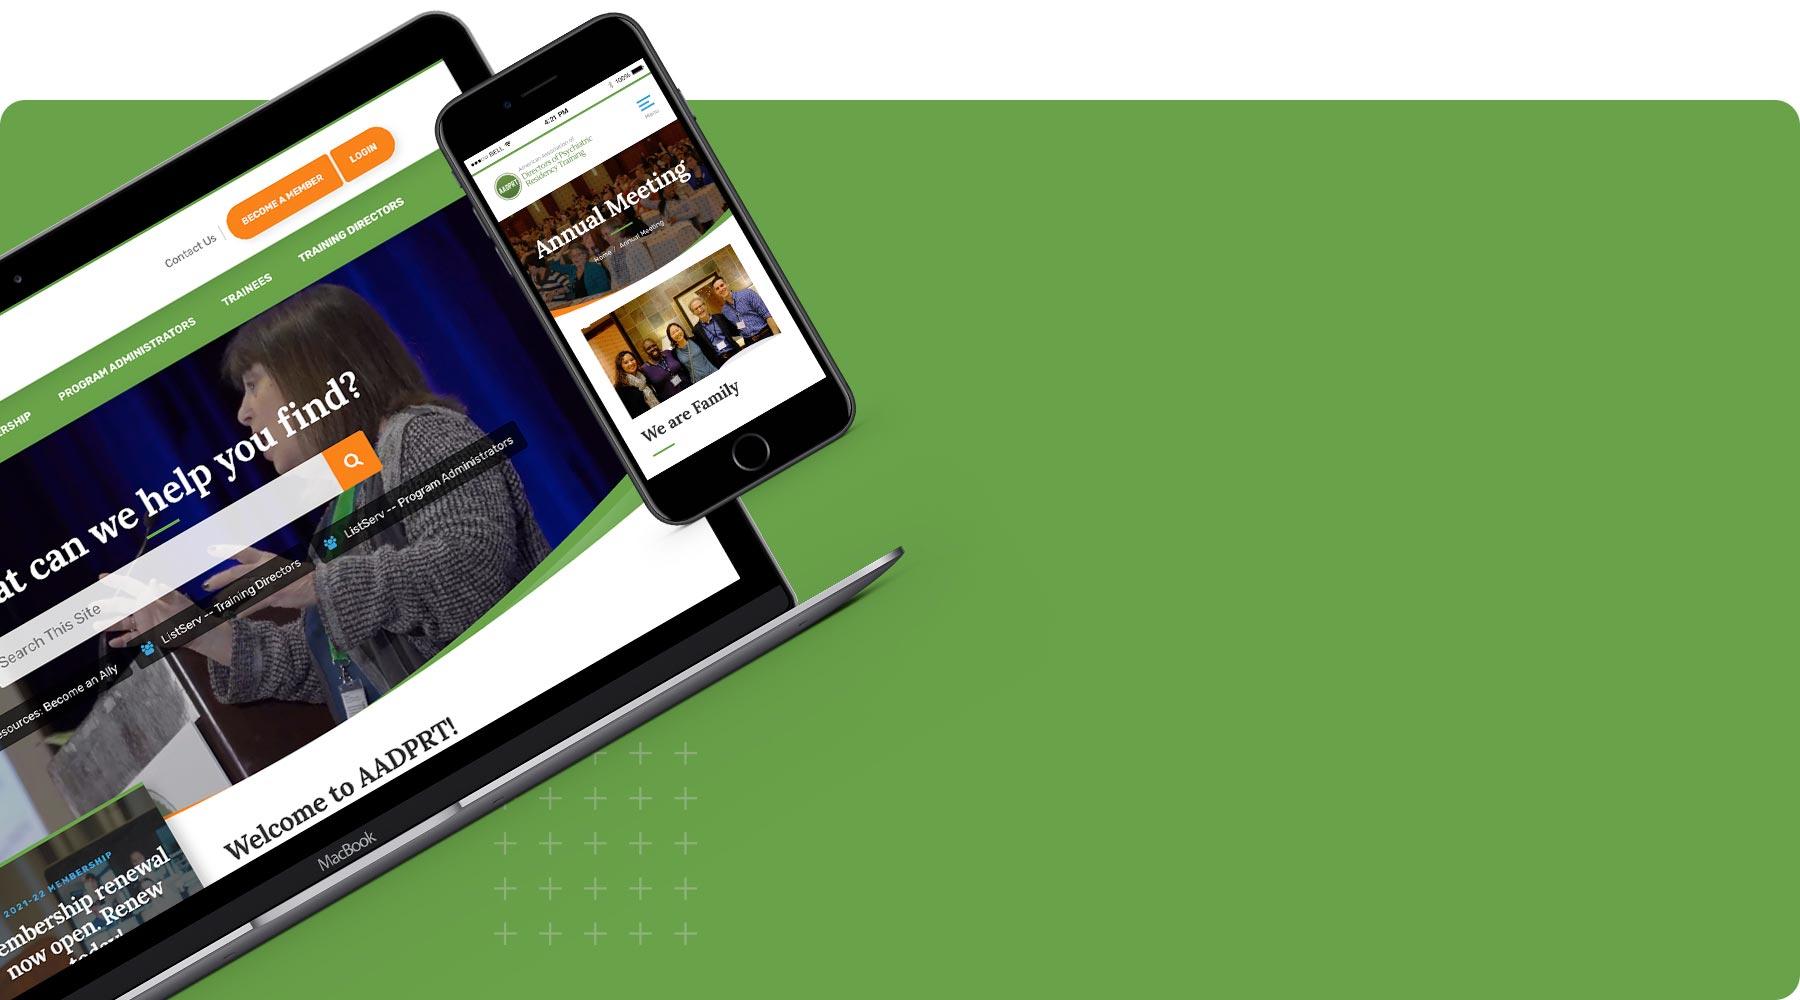 Casestudies-aadprt-Large-Laptop.jpg